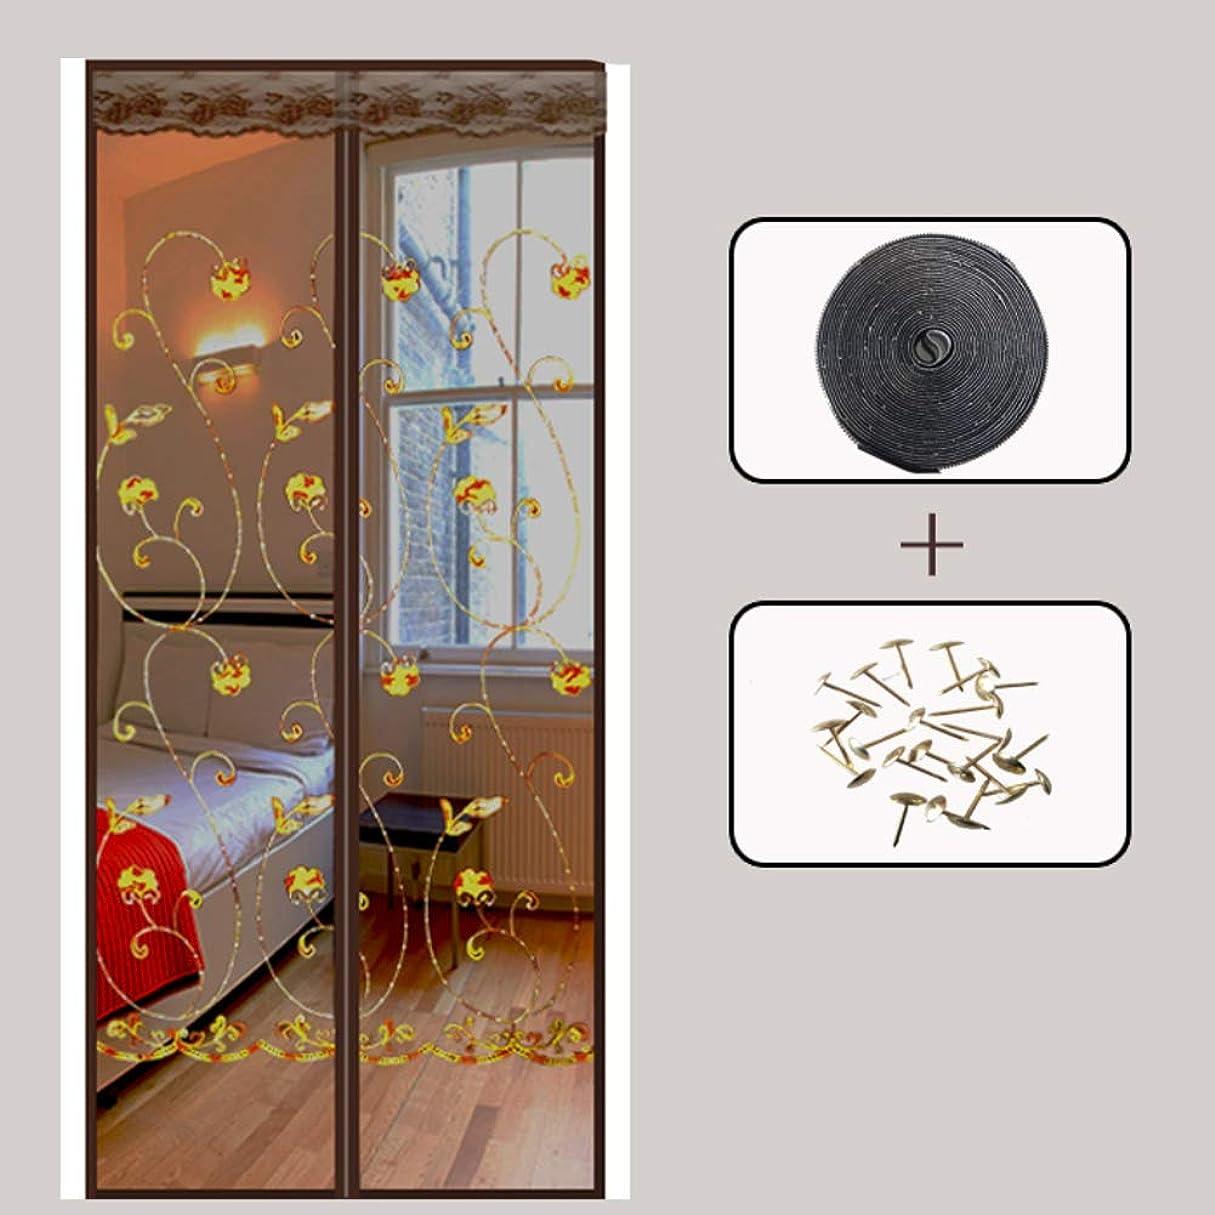 説明する発言するカリング魔法のドアのメッシュ ドアカーテン, 熱 そして 断熱材 エヴァ マジックテープ付き お楽しみください。 涼しい夏 暖冬 フィット あなたの ドア枠-a 210x120cm